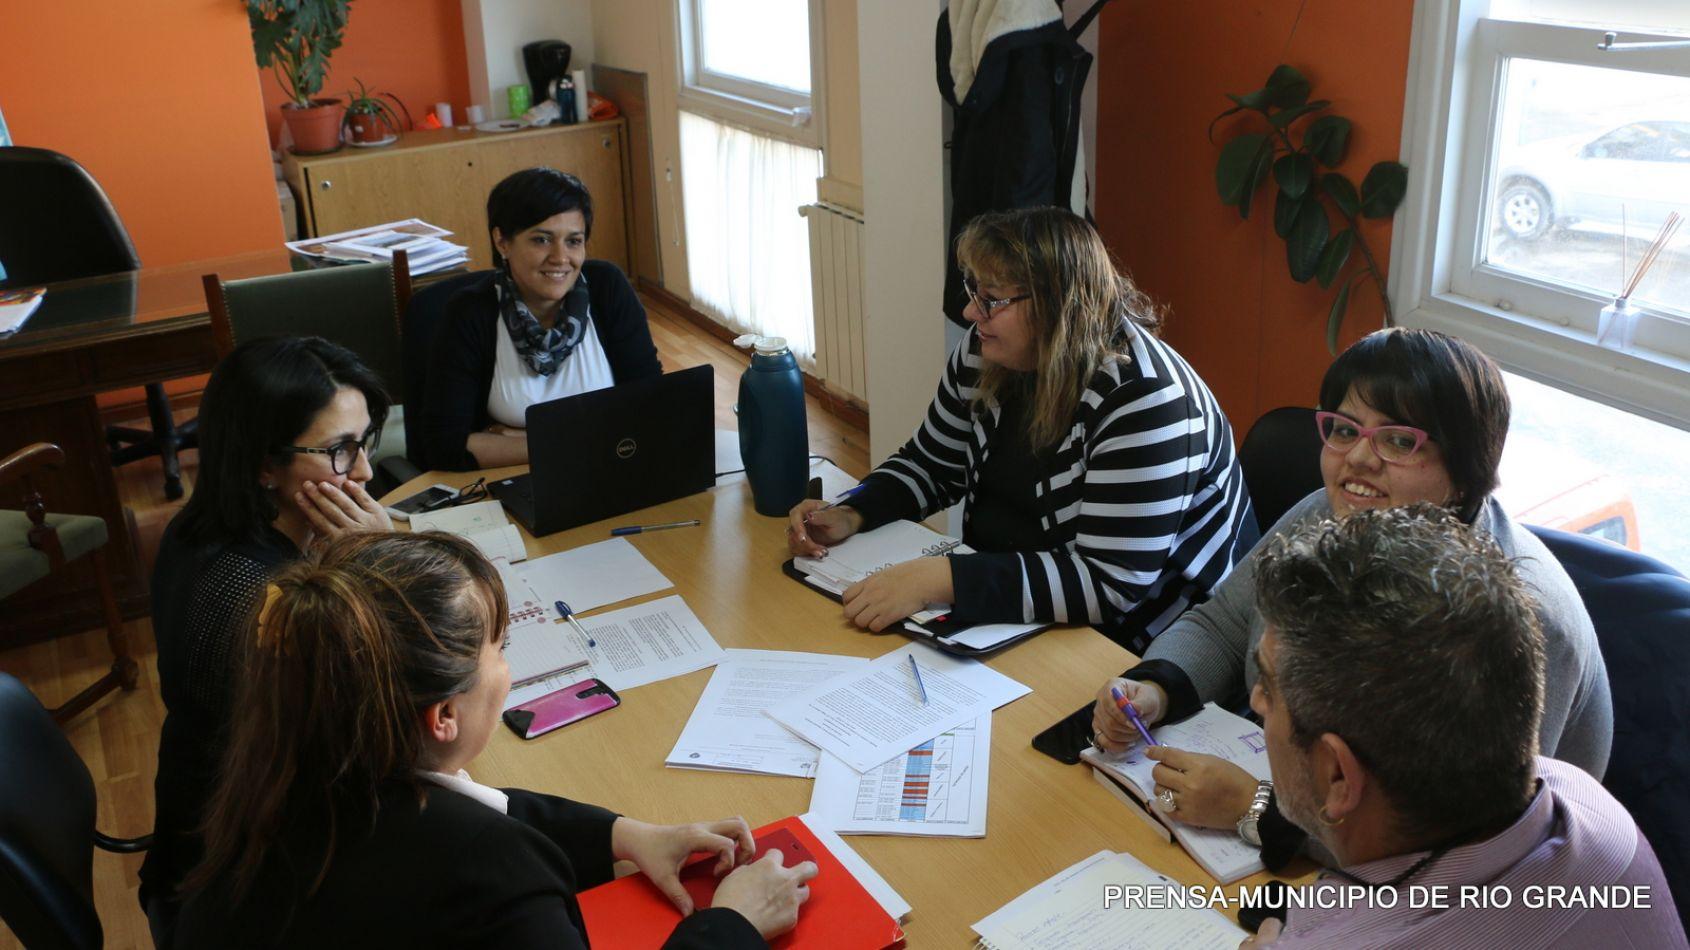 La secretaria de Promoción Social, DI Analía Cubino, resaltó el trabajo que lleva adelante el Municipio de Río Grande en materia de inclusión